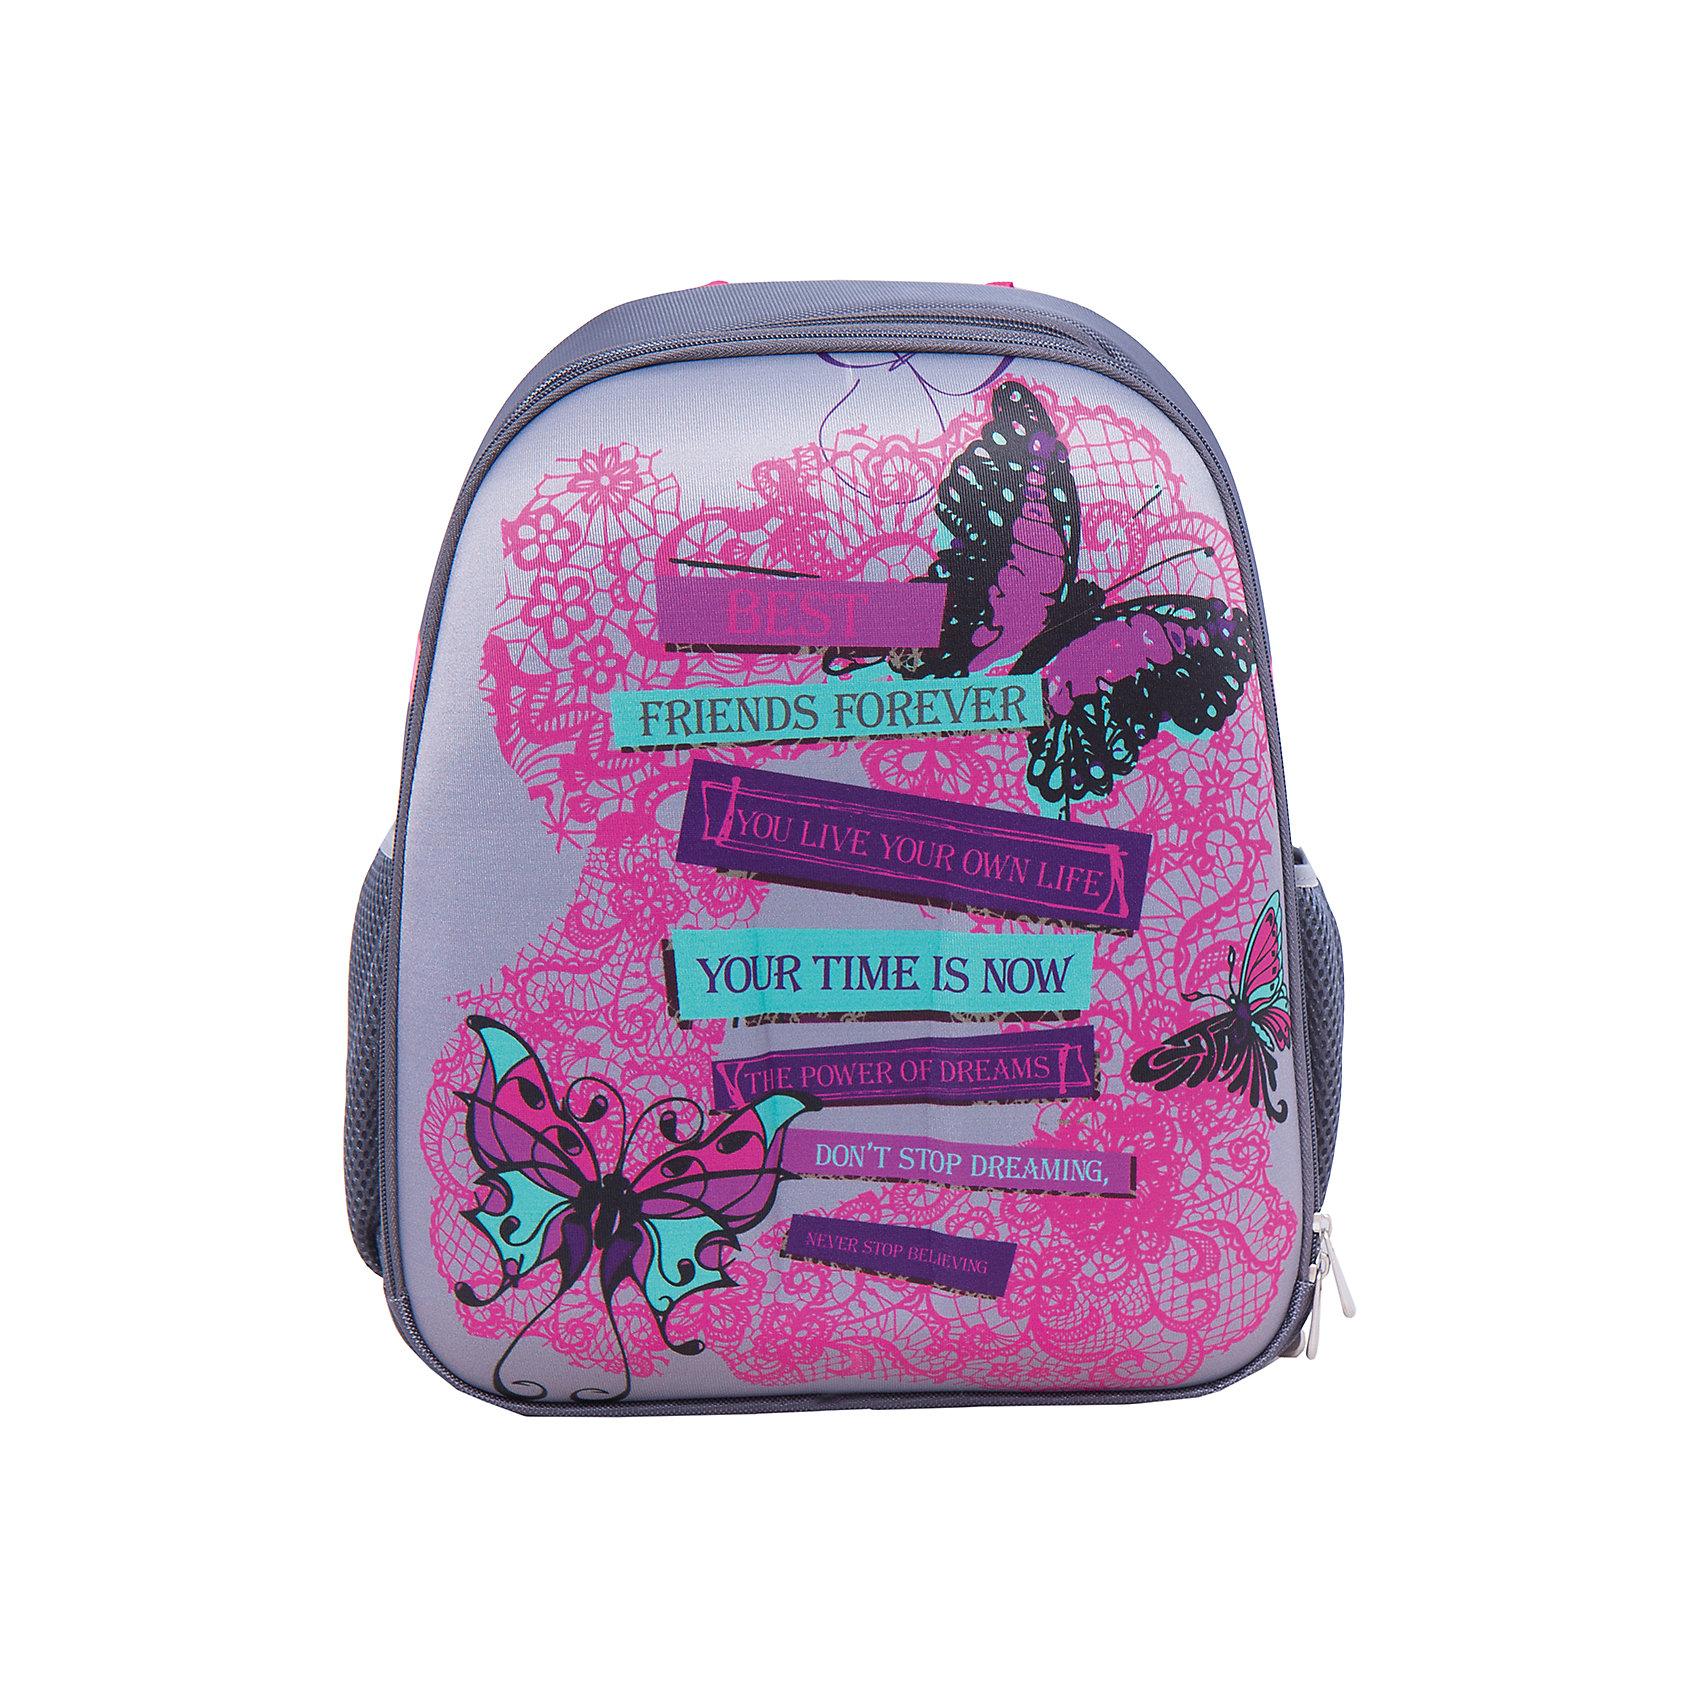 Школьный рюкзак КружеваМодный рюкзак идеально подходит для похода ребенка в школу. Он очень стильно выглядит и может вместить в себя всё необходимое для занятий. Главное - у него жесткая ортопедическая спинка, позволяющая формировать у ребенка правильную осанку, жесткое ударопрочное дно, пластиковые ножки, средняя и боковые части - вспененный формованный микропористый полимер.<br>В рюкзаке - два вместительных отделения, также есть два удобных боковых кармана. Изделие дополнено светоотражающими элементами для повышения безопасности ребенка. На рюкзаке - удобные широкие лямки, петля, ручка для переноса. Застегивается на молнию. Изделие произведено из качественных и безопасных для ребенка материалов.<br><br>Дополнительная информация:<br><br>цвет: серый;<br>материал: нейлон, полиэстер;<br>вес: 770 г;<br>широкие лямки;<br>жесткая ортопедическая спинка;<br>жесткое ударопрочное дно;<br>пластиковые ножки;<br>боковые карманы;<br>размер: 170х380х315 мм.<br><br>Школьный рюкзак Кружева можно купить в нашем магазине.<br><br>Ширина мм: 170<br>Глубина мм: 315<br>Высота мм: 380<br>Вес г: 770<br>Возраст от месяцев: 72<br>Возраст до месяцев: 144<br>Пол: Женский<br>Возраст: Детский<br>SKU: 4743954